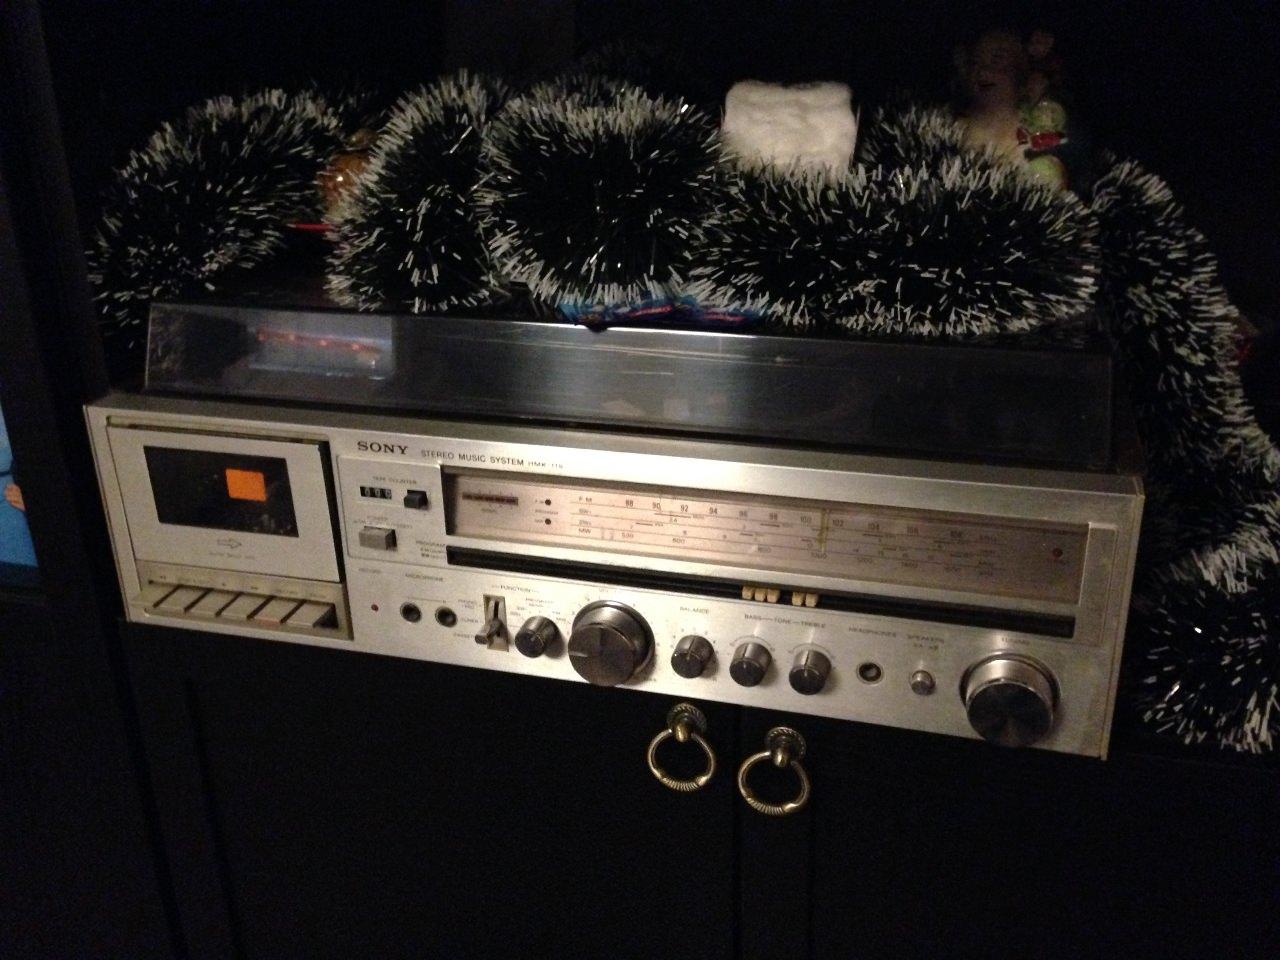 Магнитофон Sony, комбайн. Куплен в 1982 году, в Сантьяго-де-Куба. Работает до сих пор - пластинки и радио.